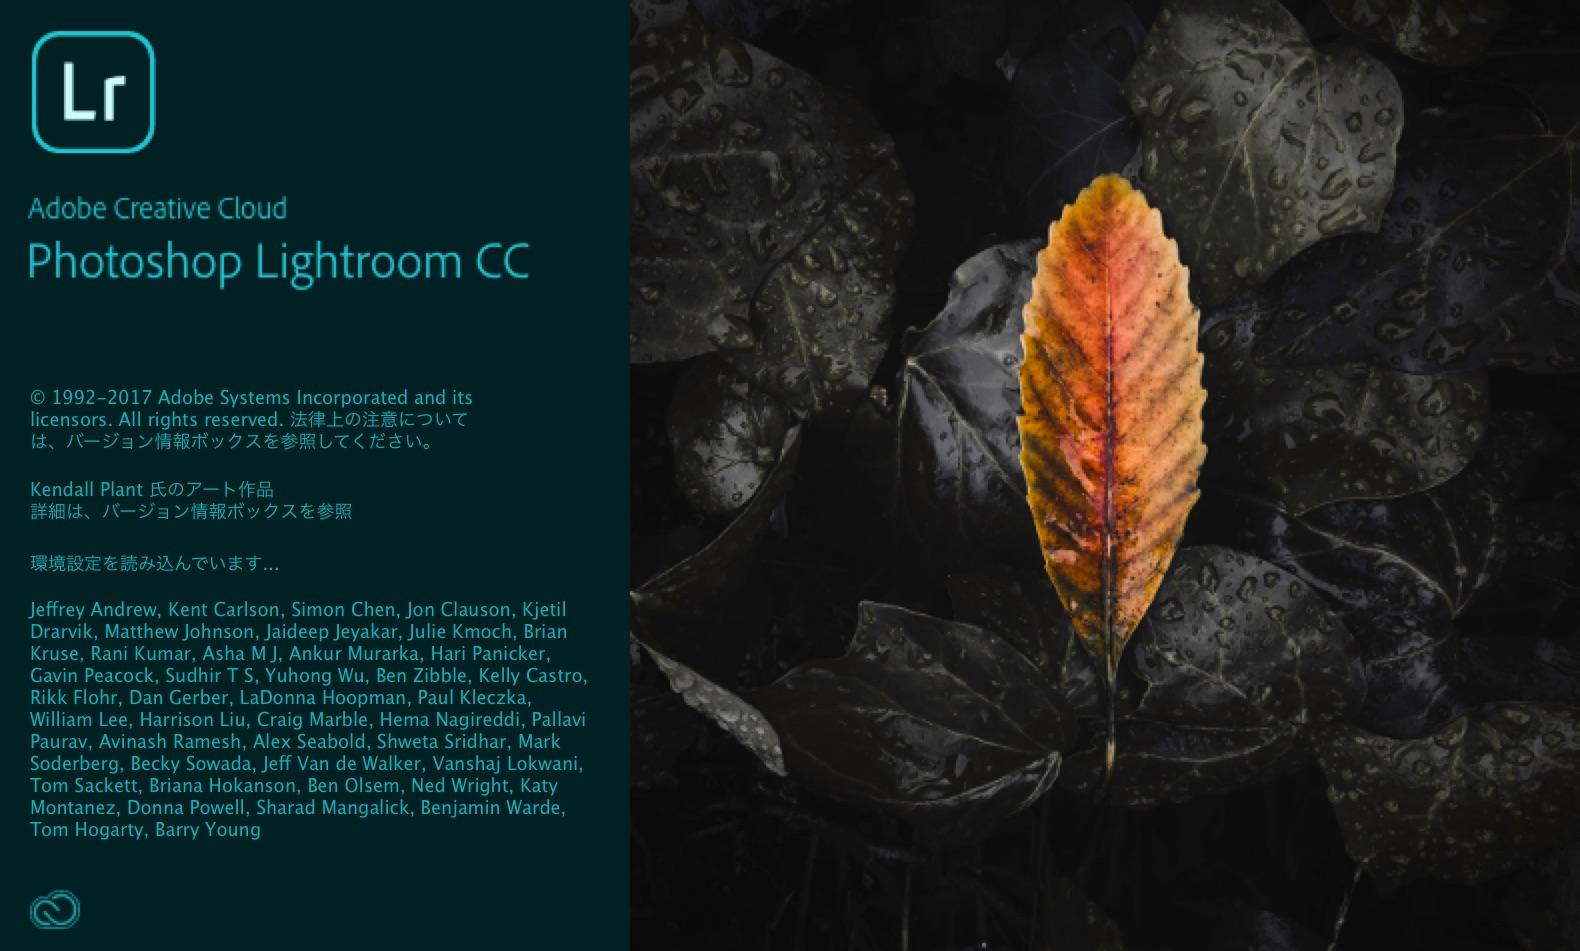 3150fb521e986767124046064dce7eab - クラウド対応でいつでもどこでも使える、新しくなったLightroom CCの使い方